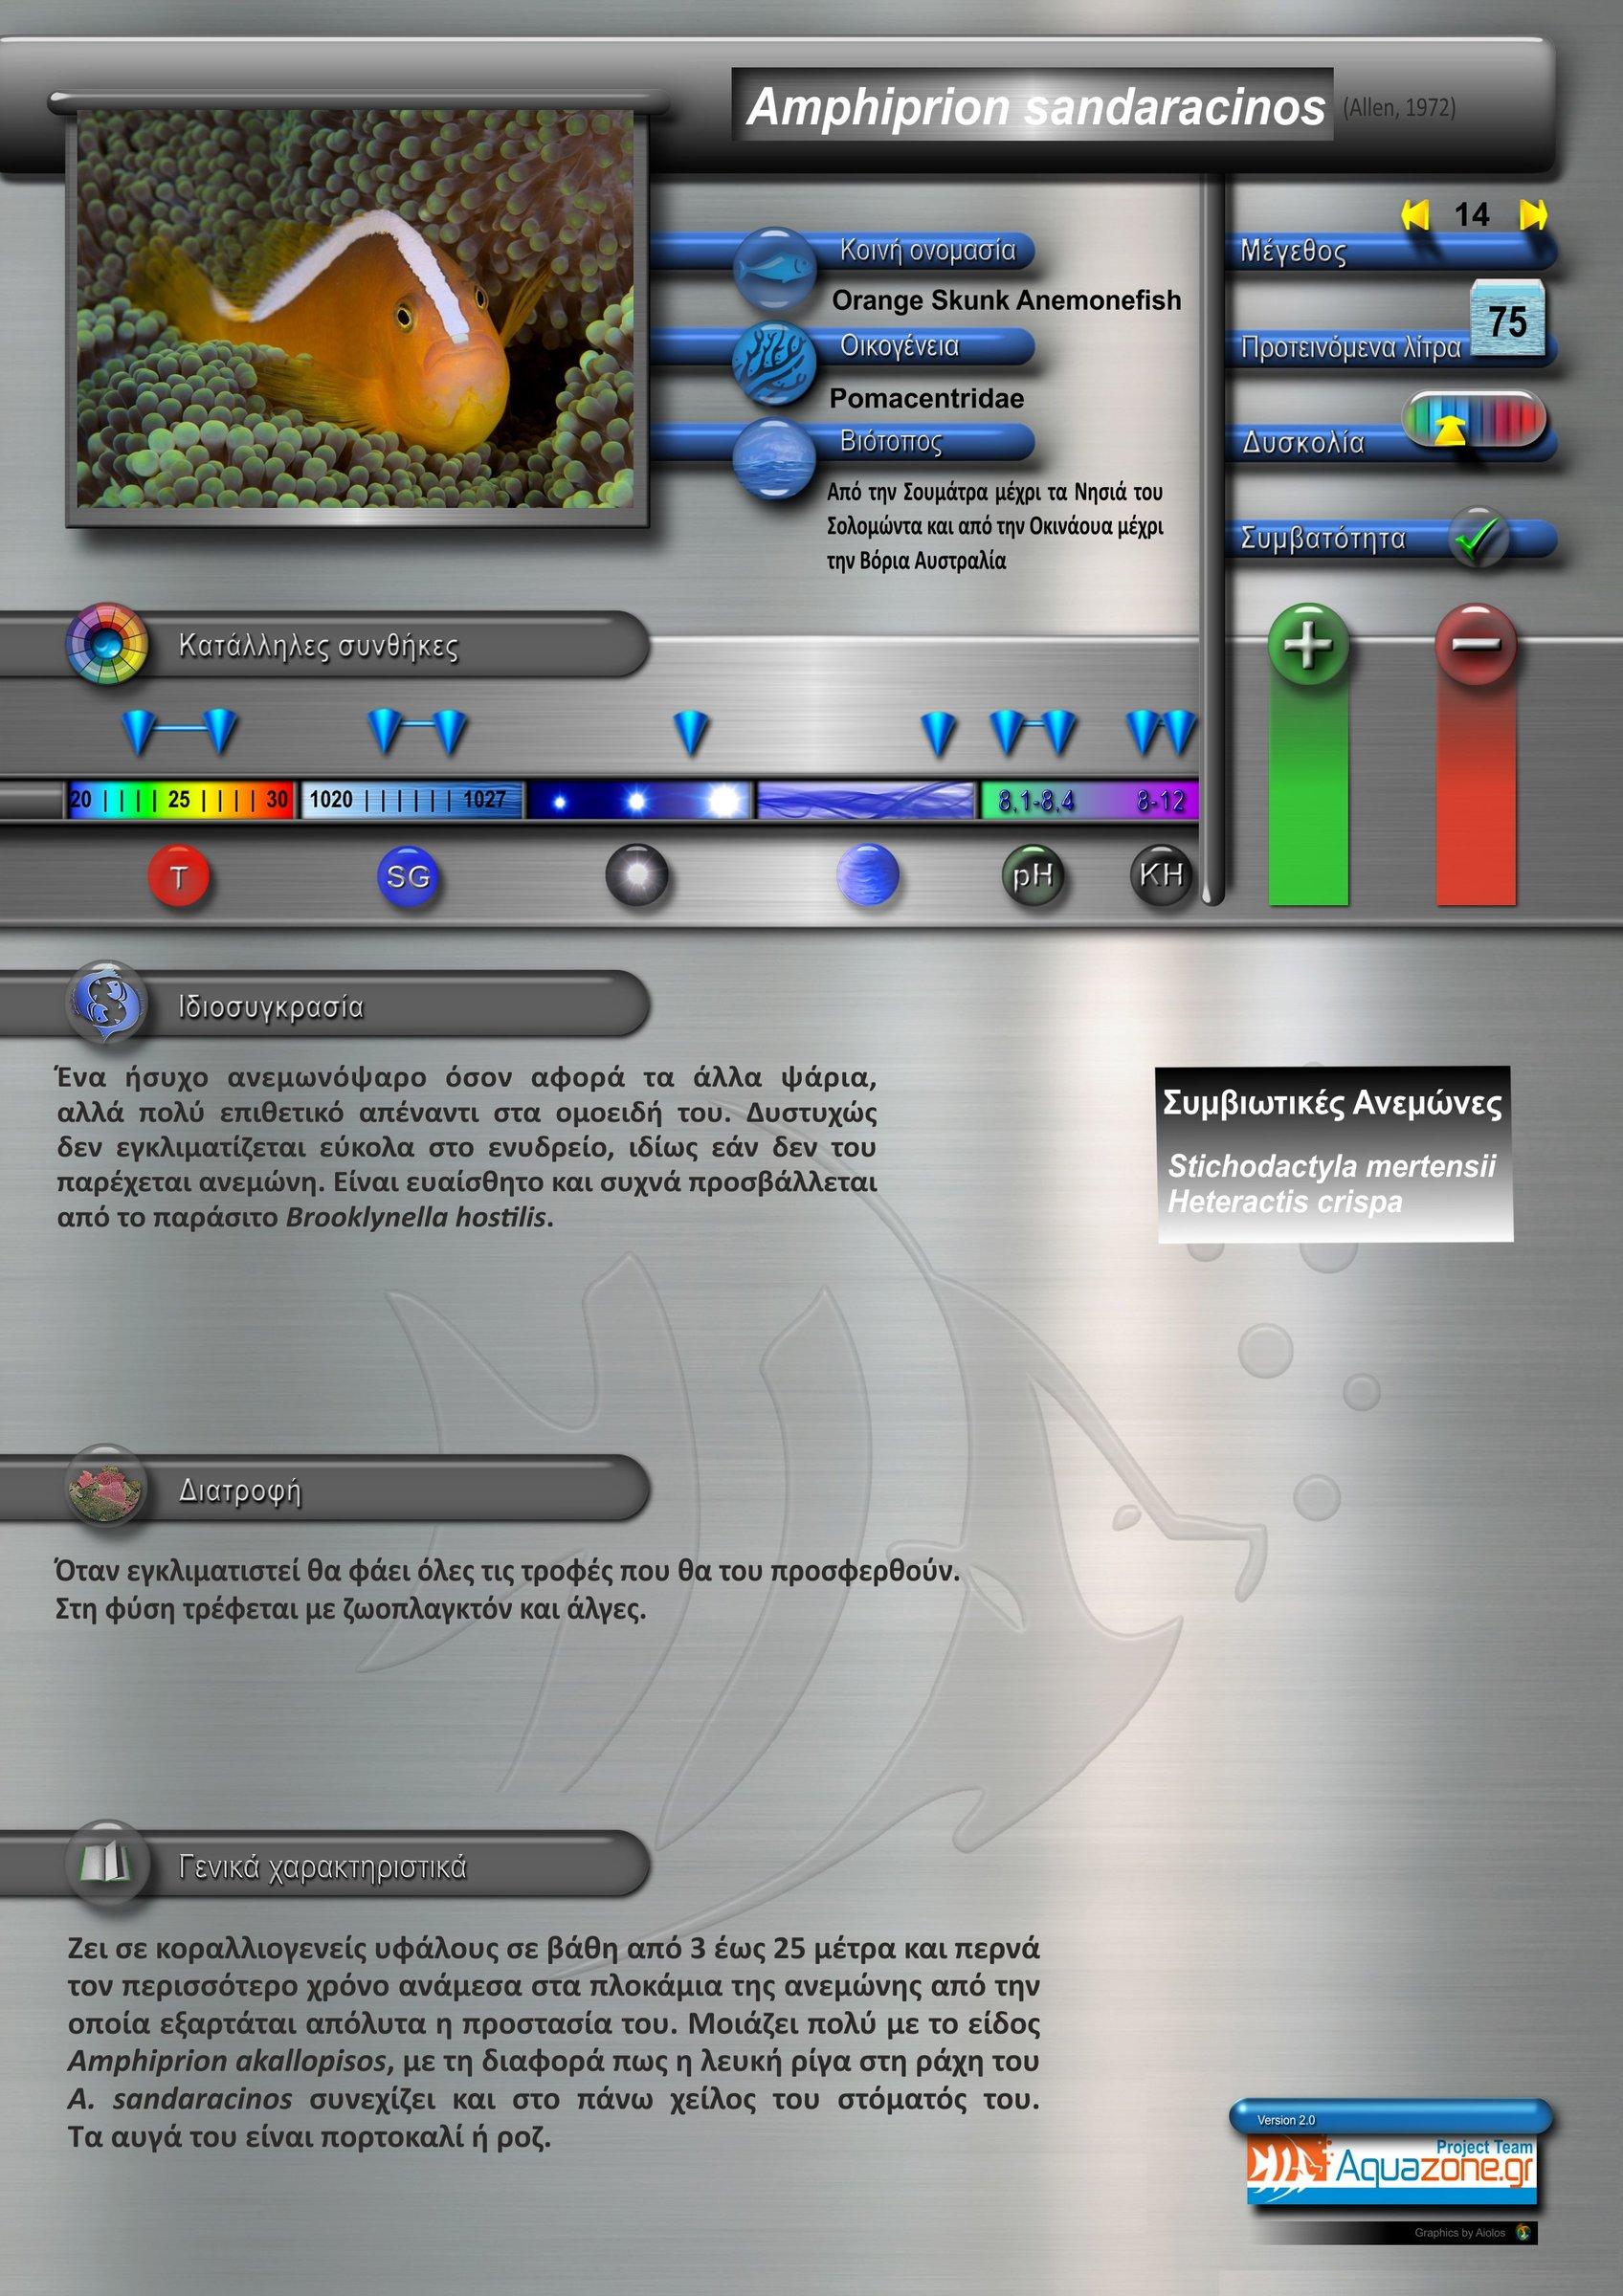 Amphiprion sandaracinos.jpg